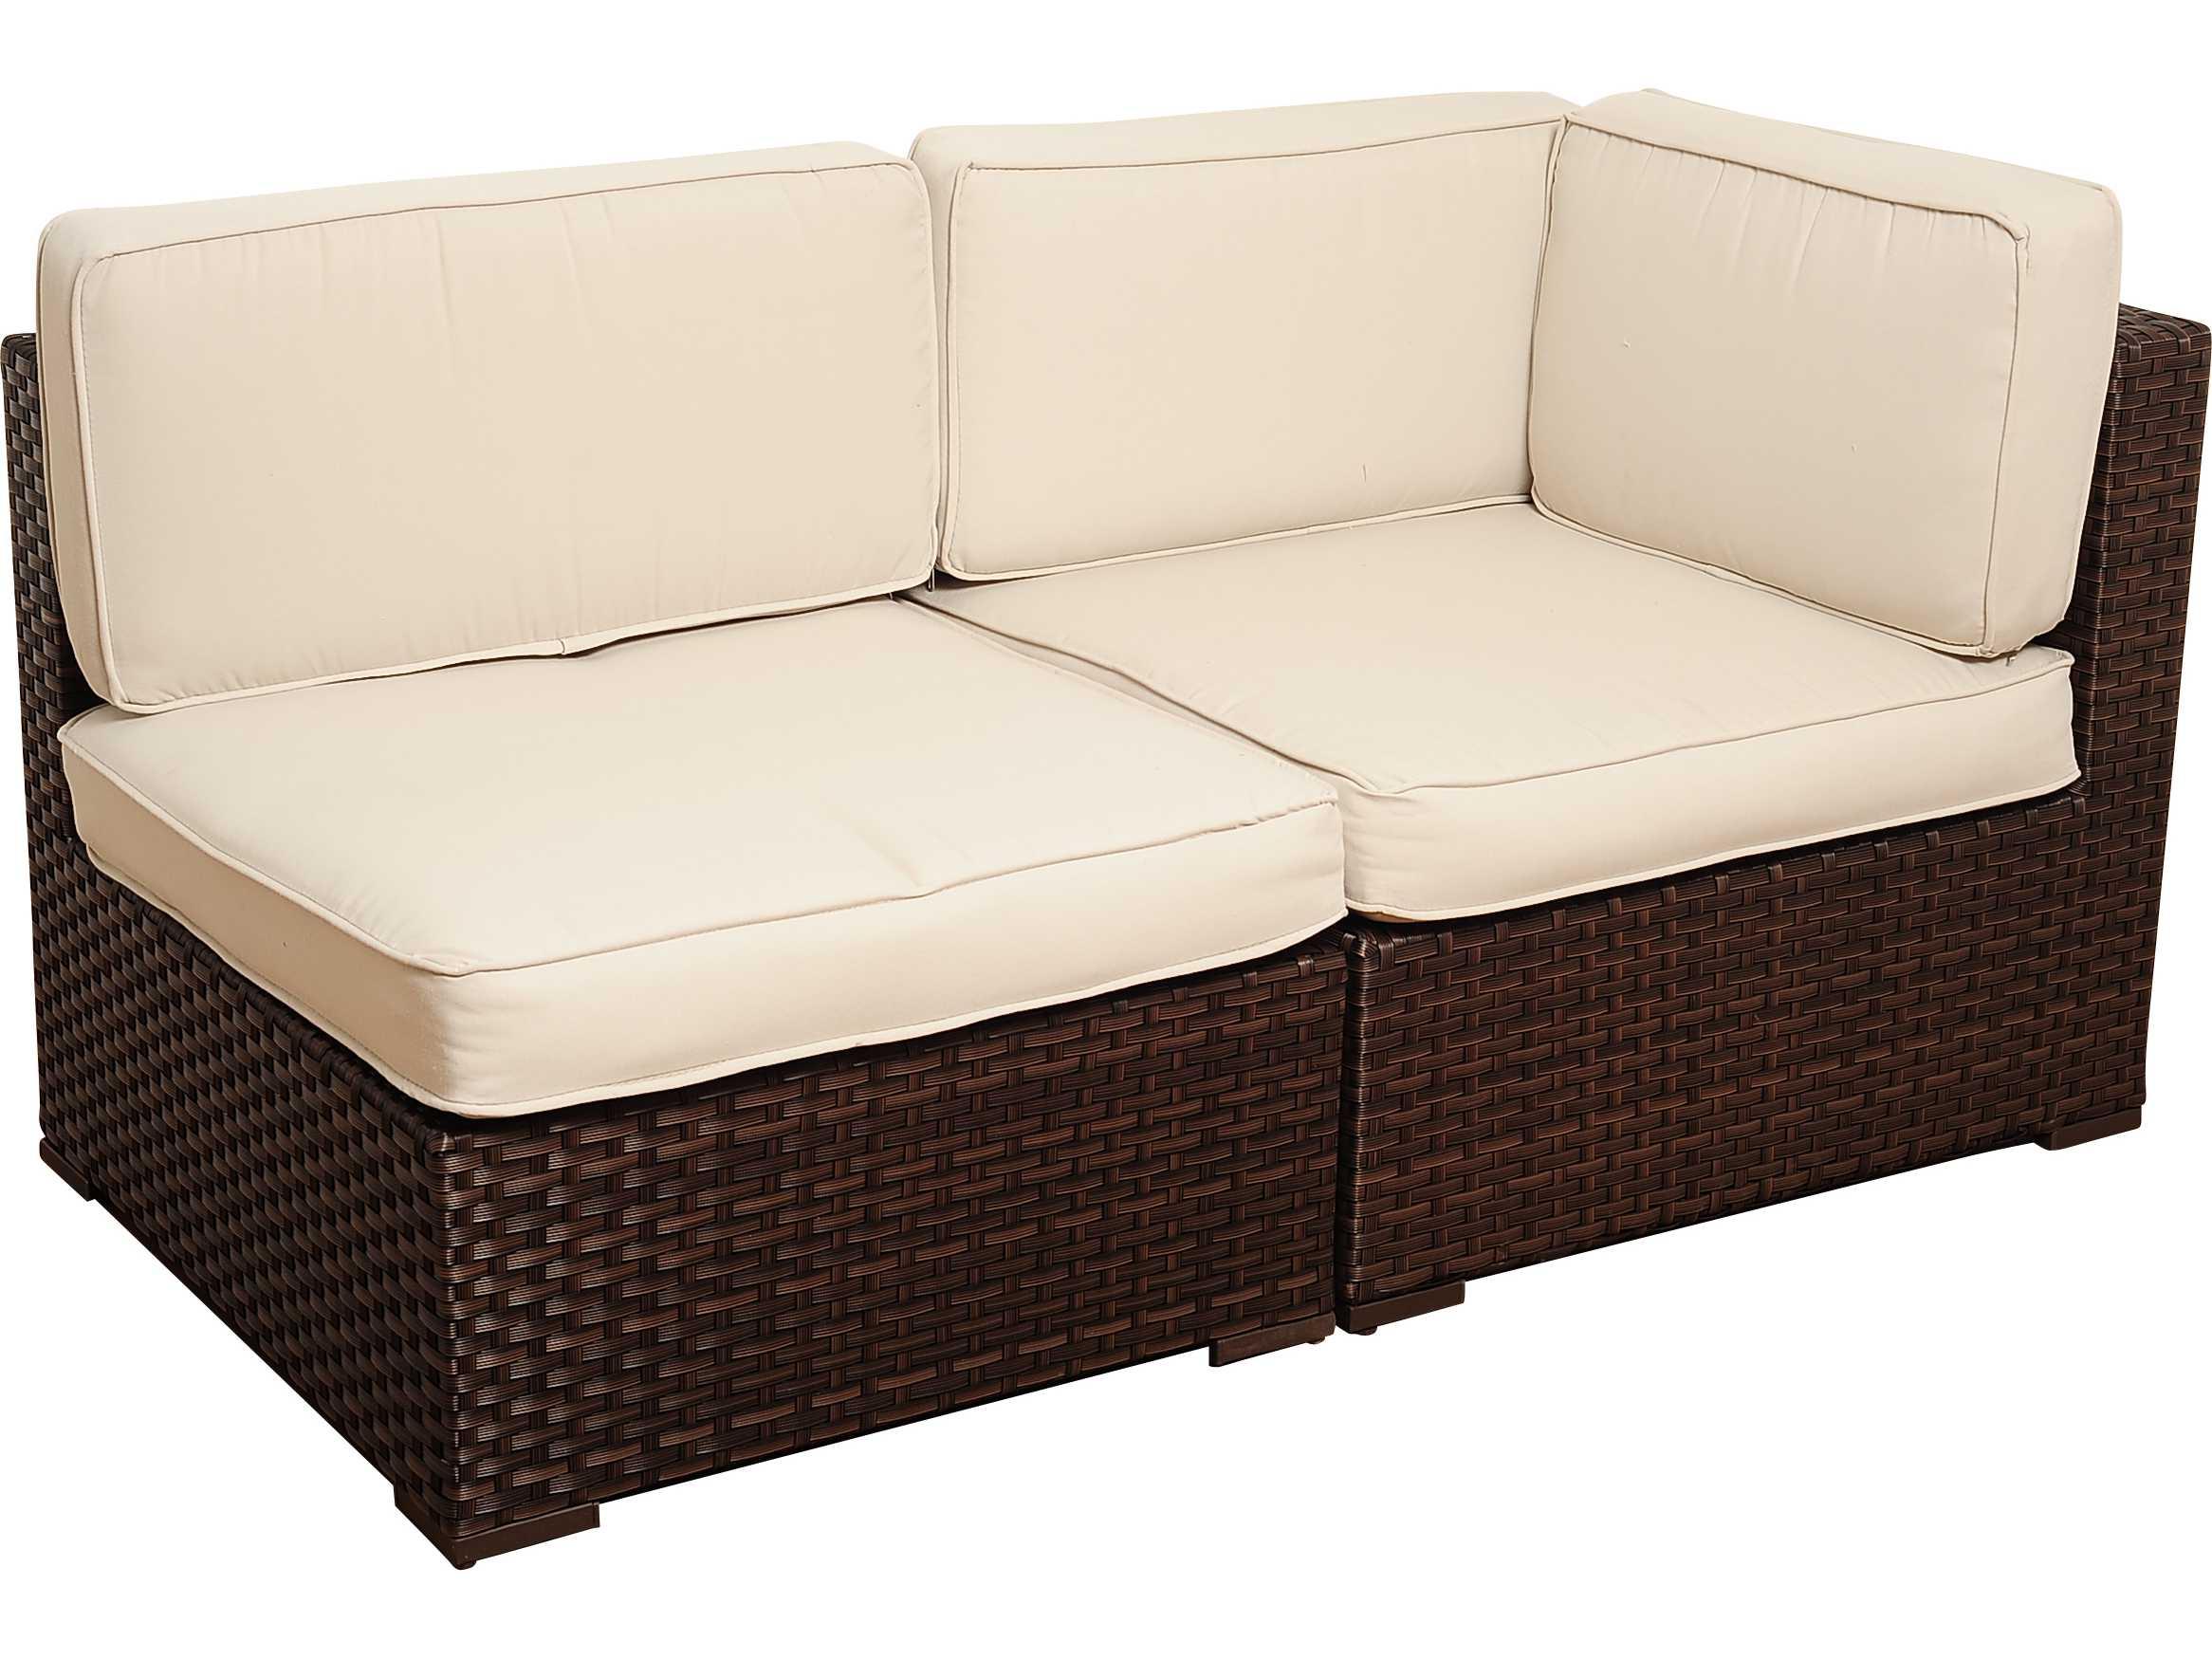 20+ Unique atlantic Patio Furniture